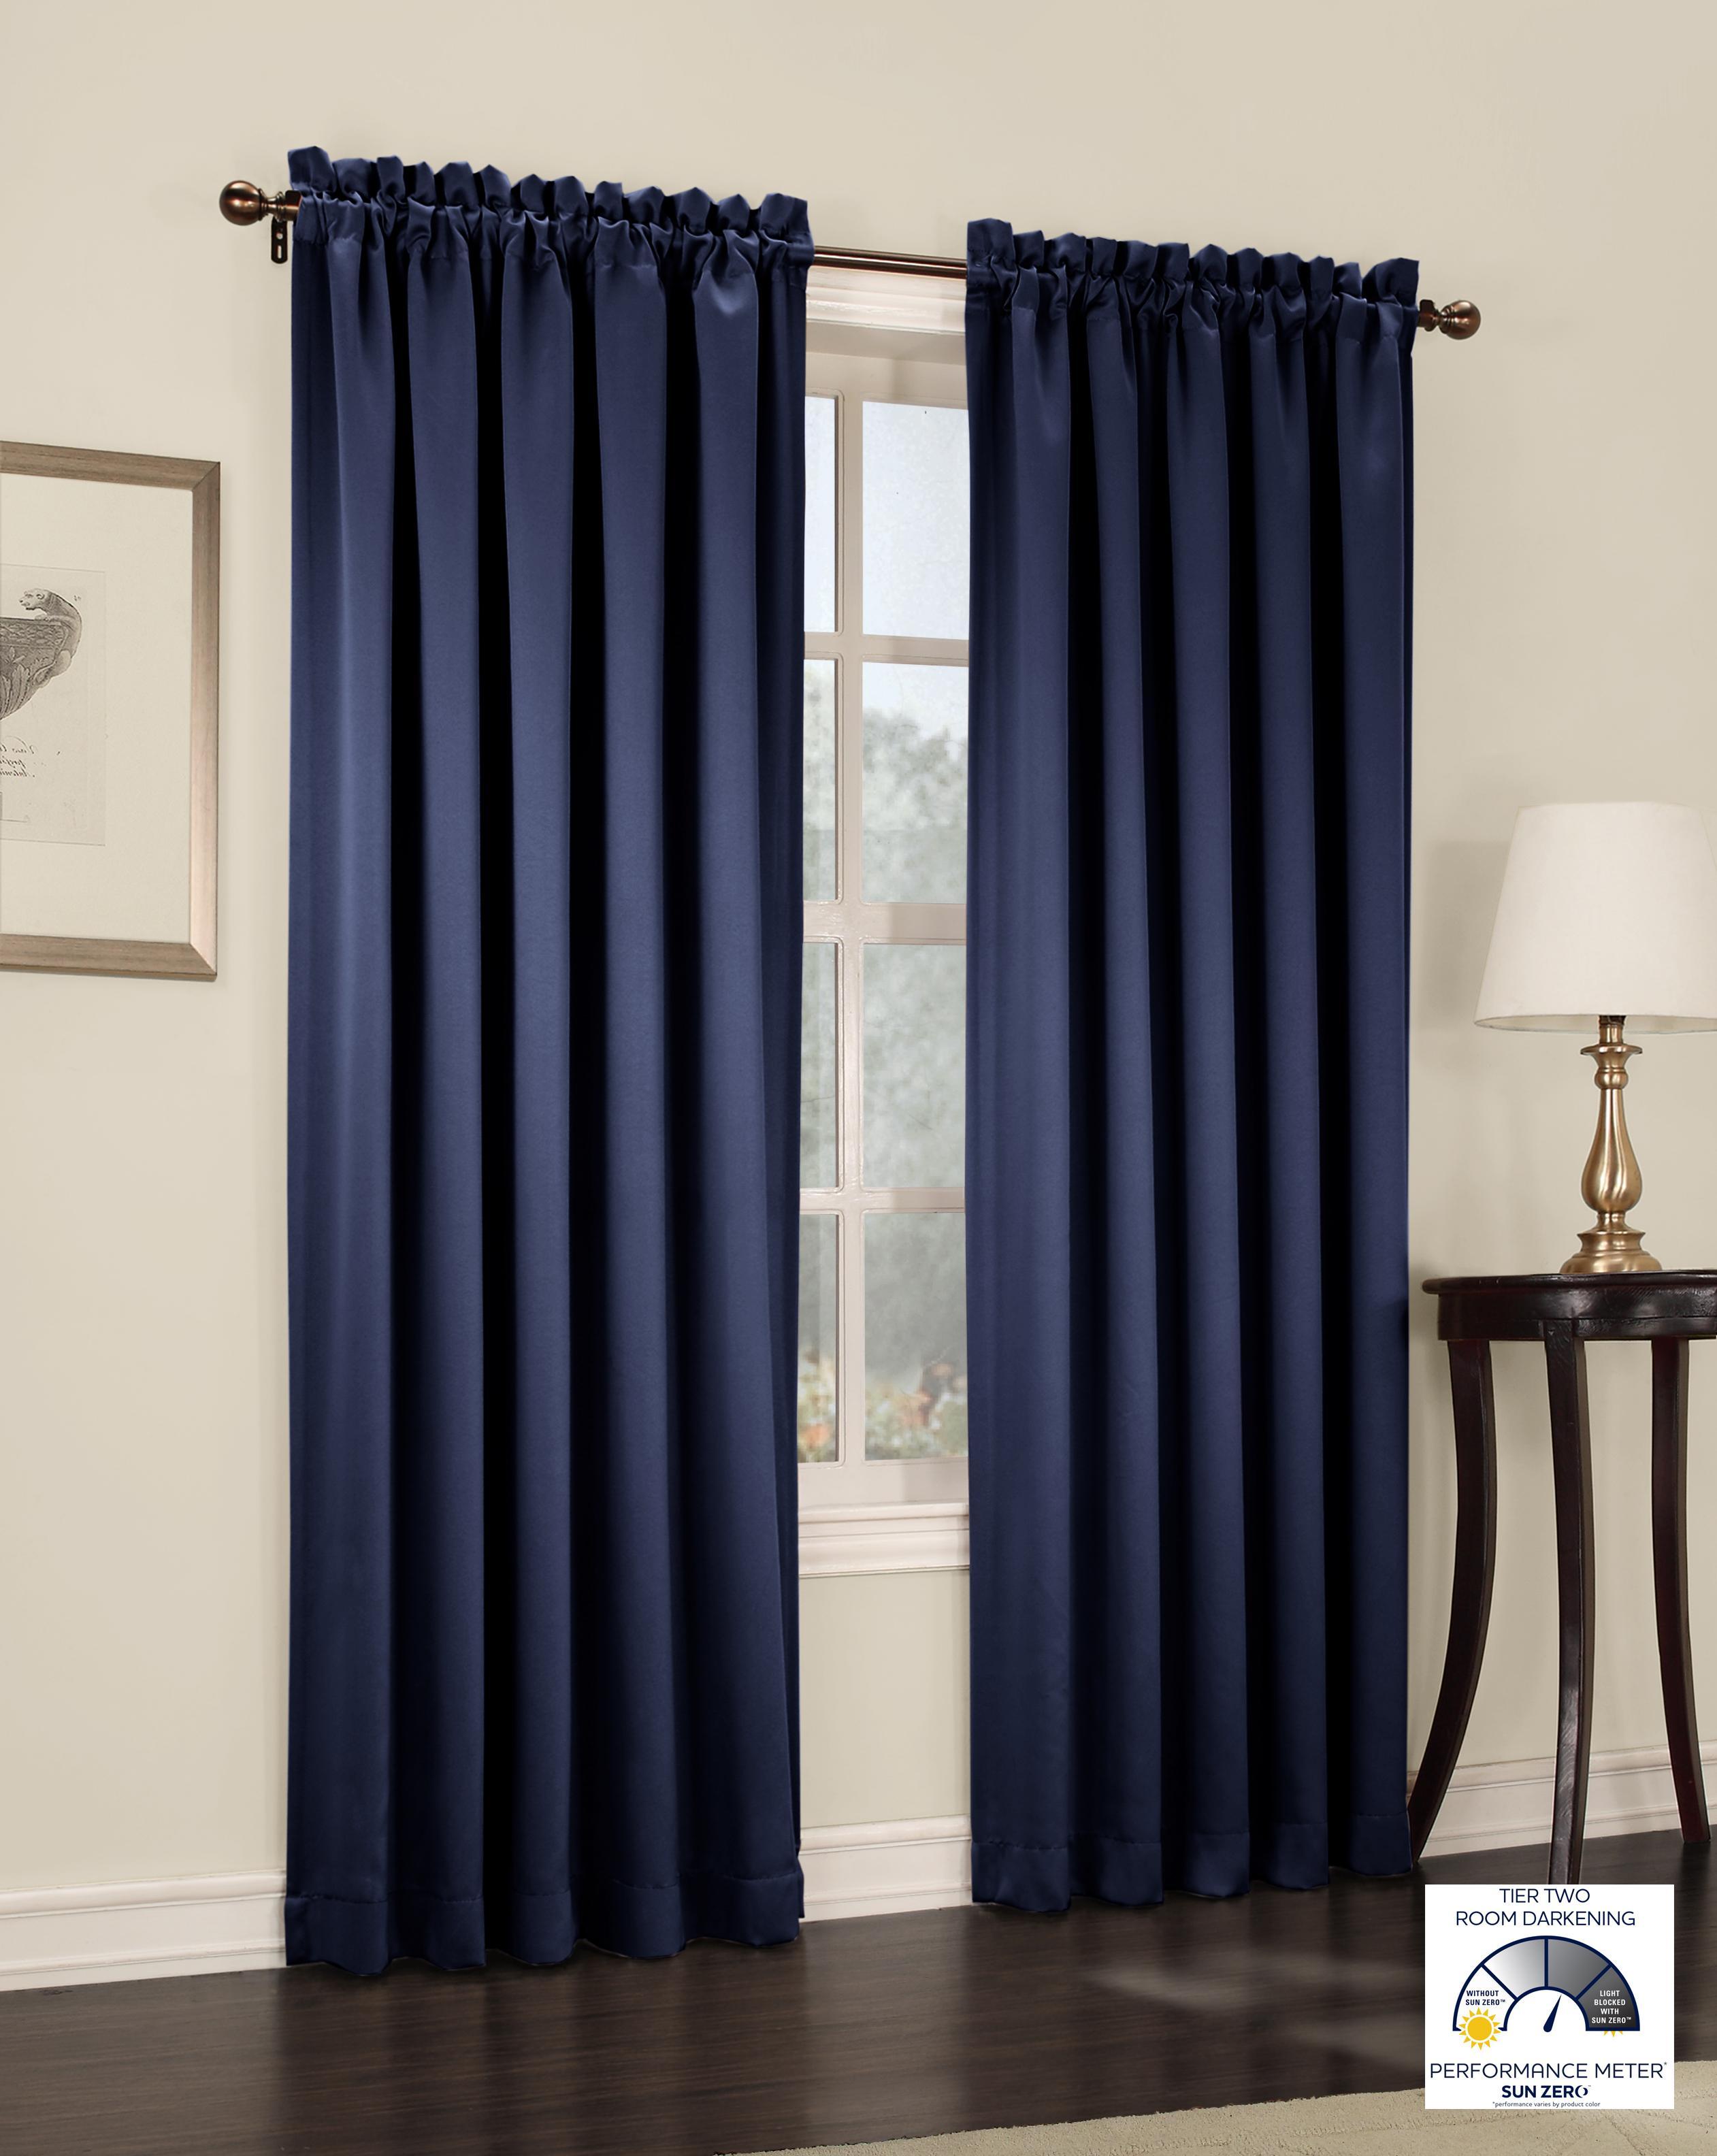 Sun zero barrow energy efficient rod pocket for Navy blue curtains ikea